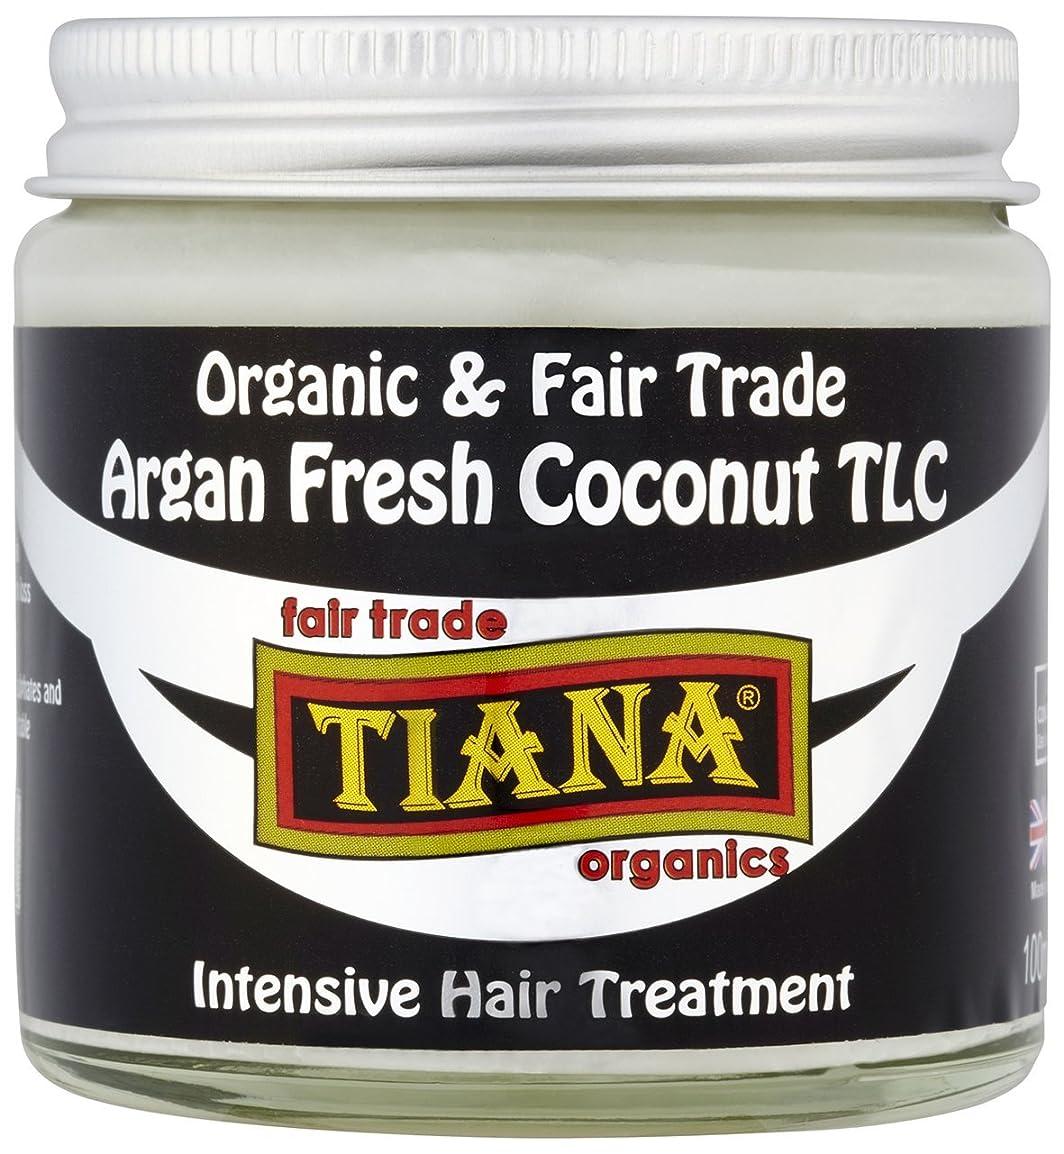 冷える硫黄日常的にTiana Organic Argan Coconut Intensive Hair Treatment 100ml